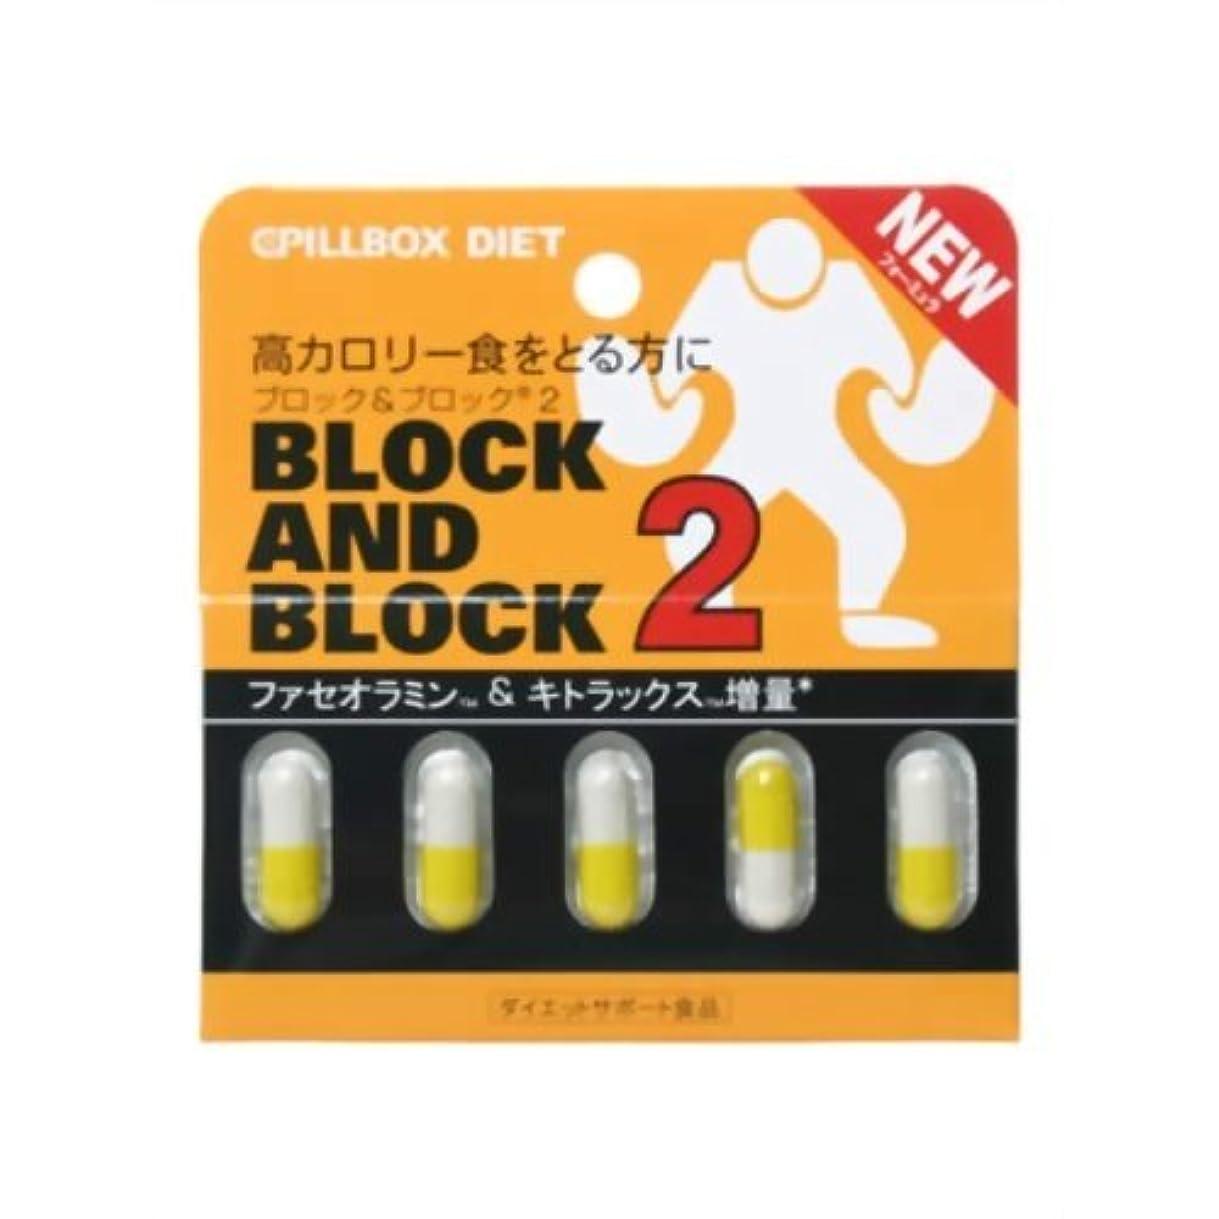 位置する仲介者仕事に行くブロック&ブロック2 5カプセル